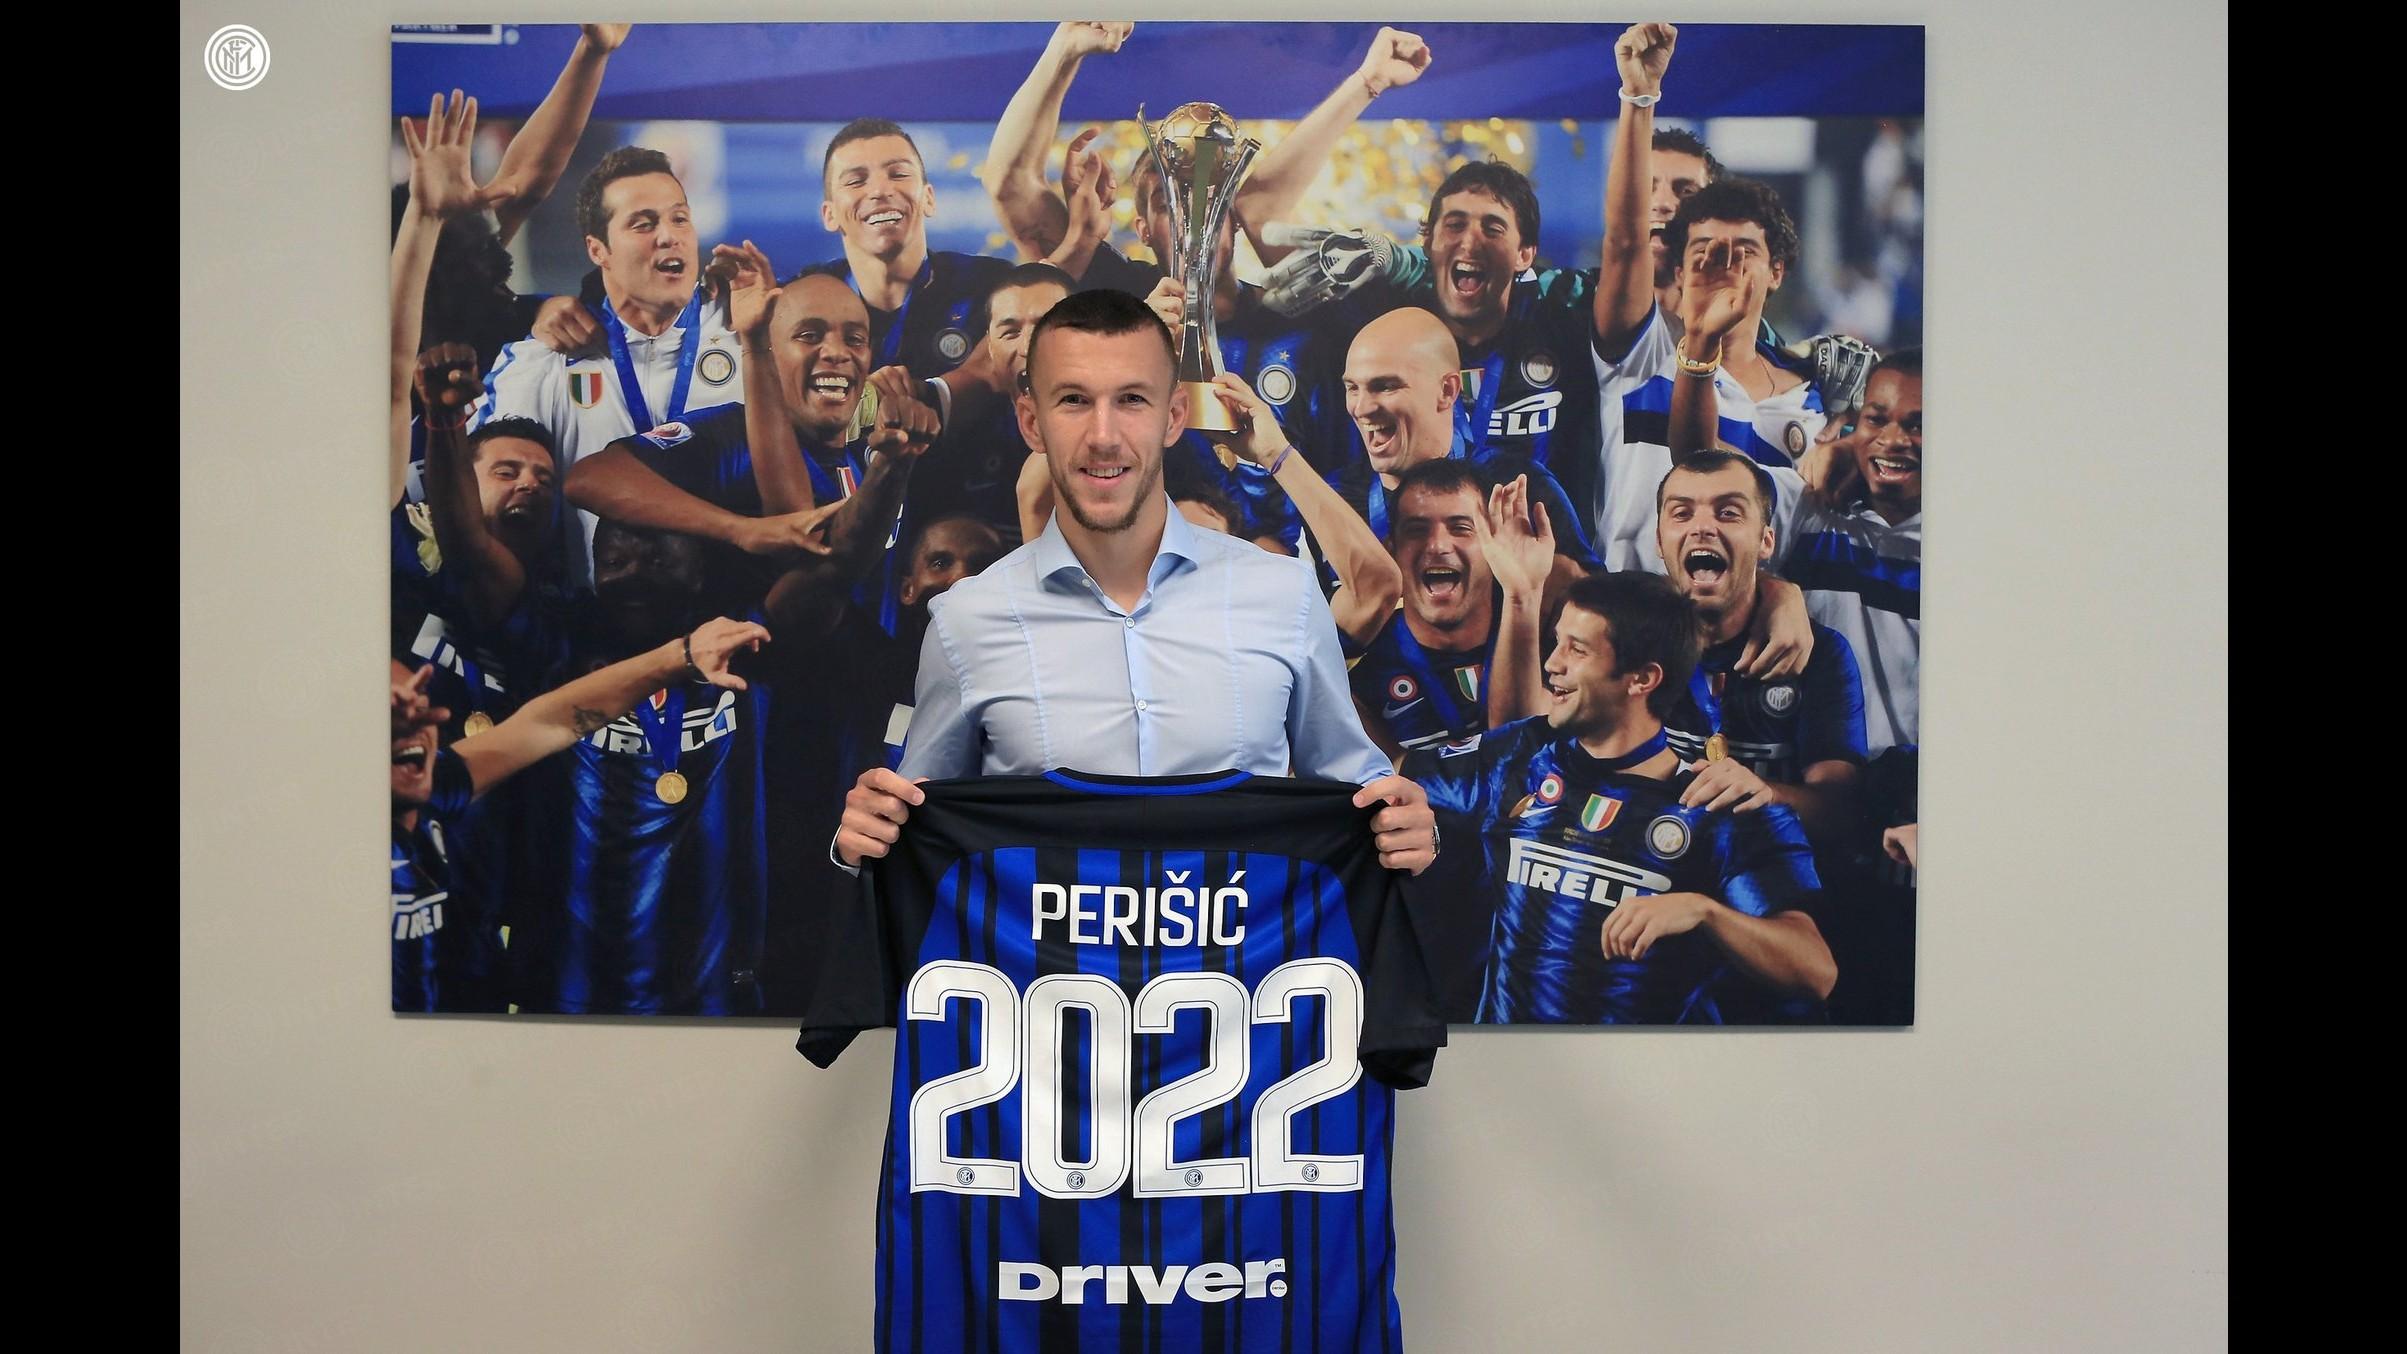 Perisic rinnova il contratto: giocherà all'Inter fino al 2022